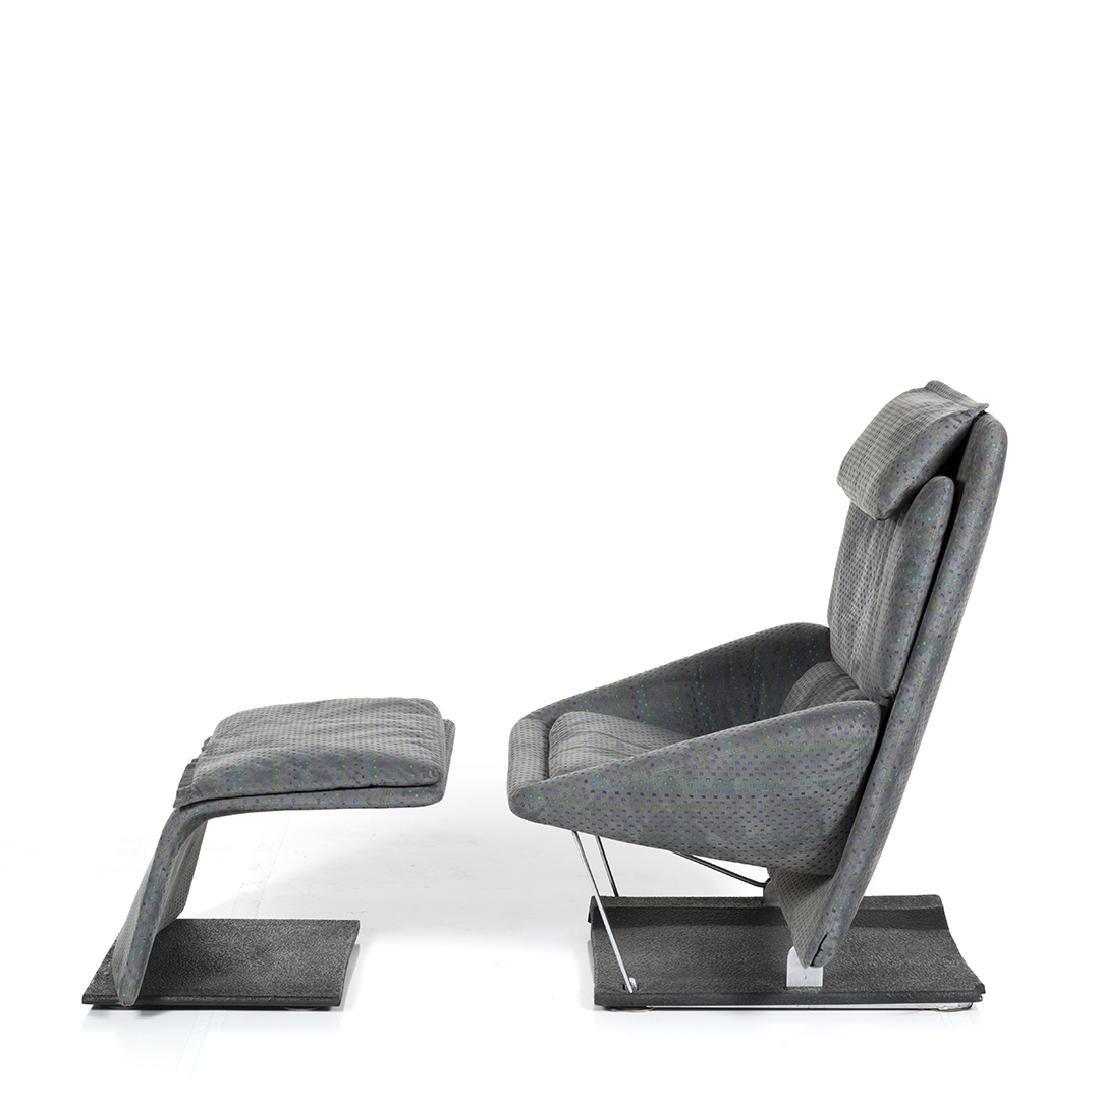 Saporiti Lounge Chair and Ottoman - 4